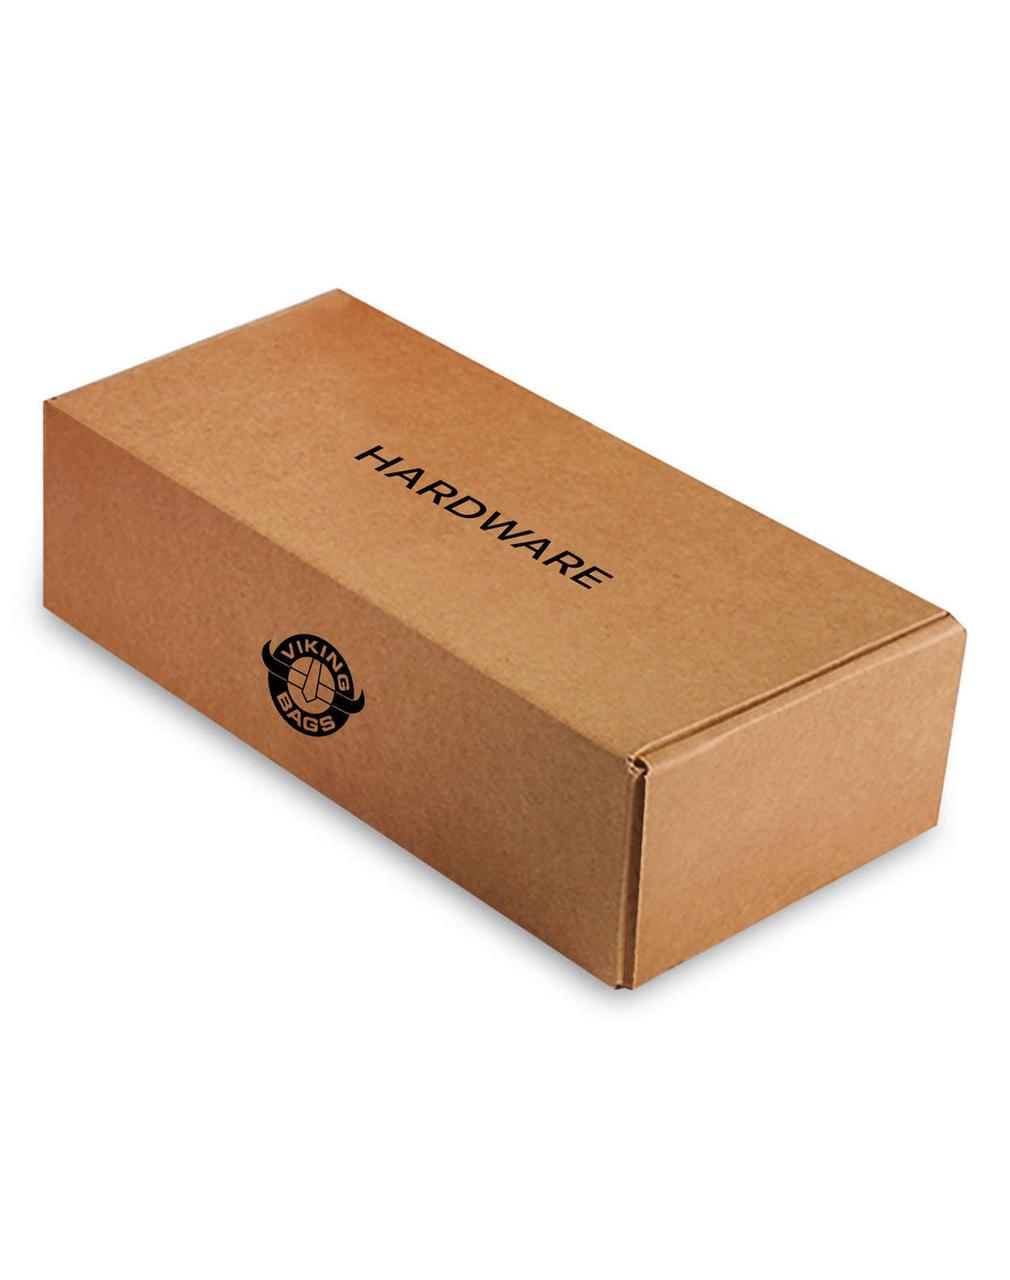 Triumph Thunderbird Large Plain Slanted Motorcycle Saddlebags Box